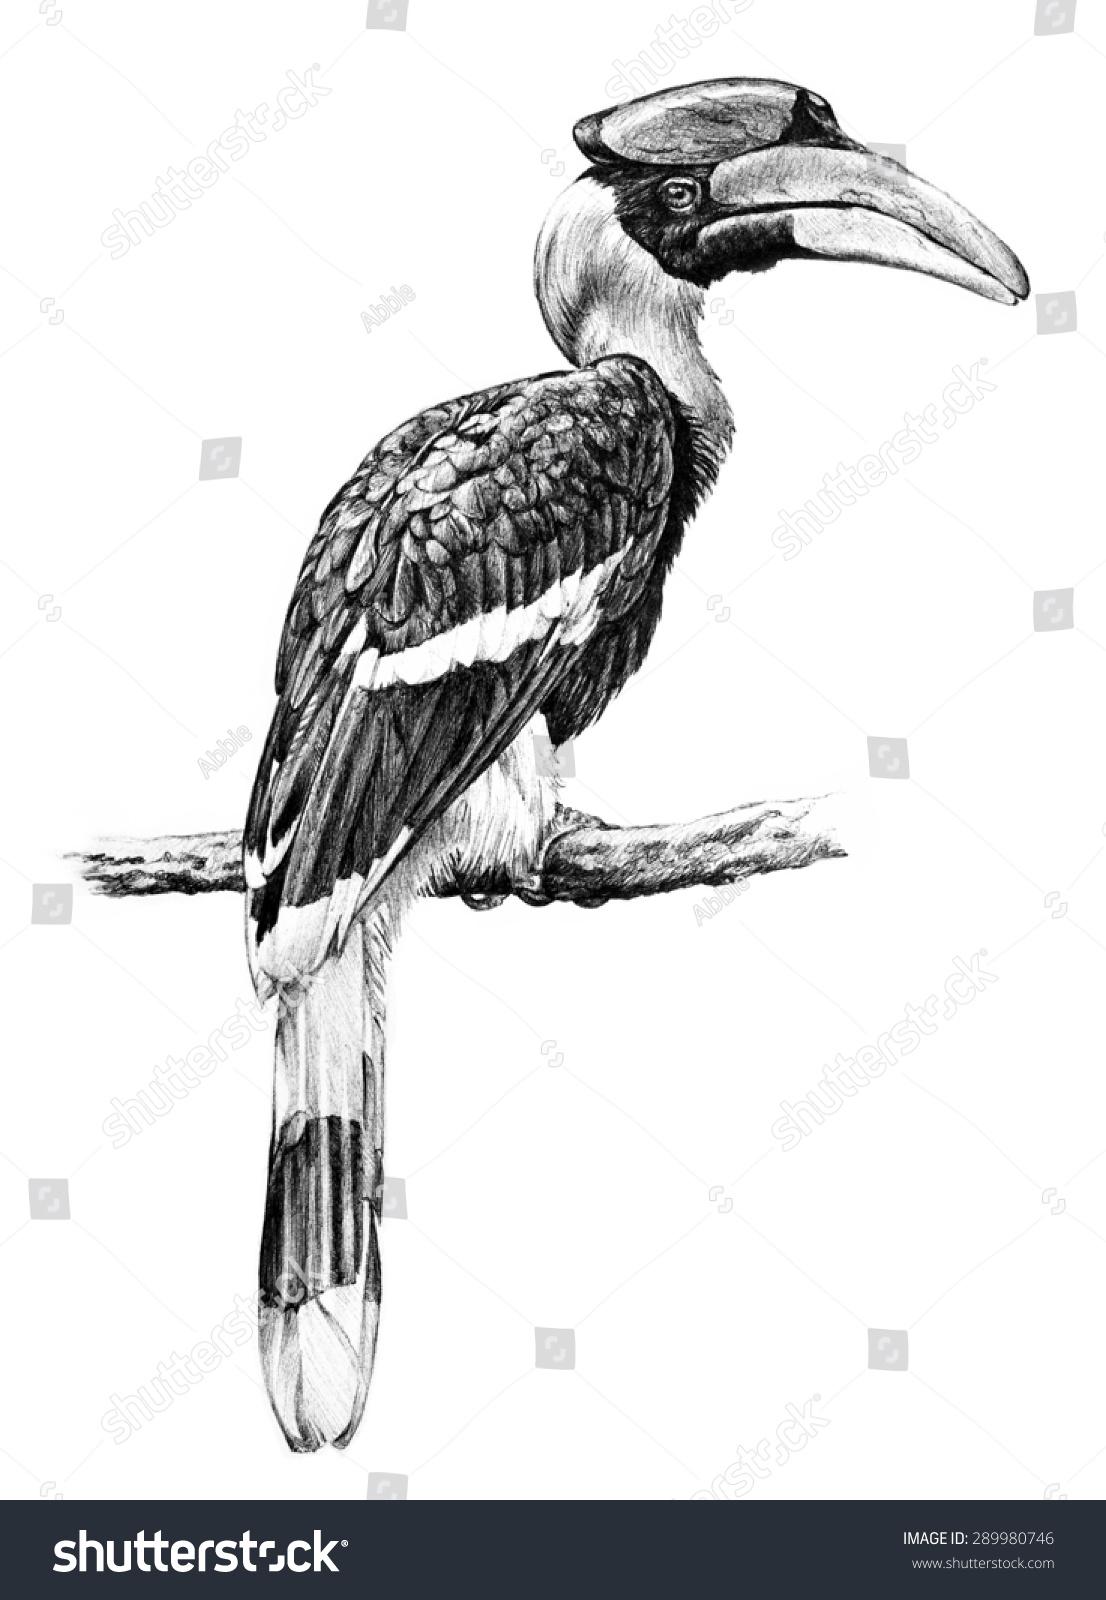 Great Hornbill Bird Illustration Hand Drawn Stock Illustration 289980746 - Shutterstock